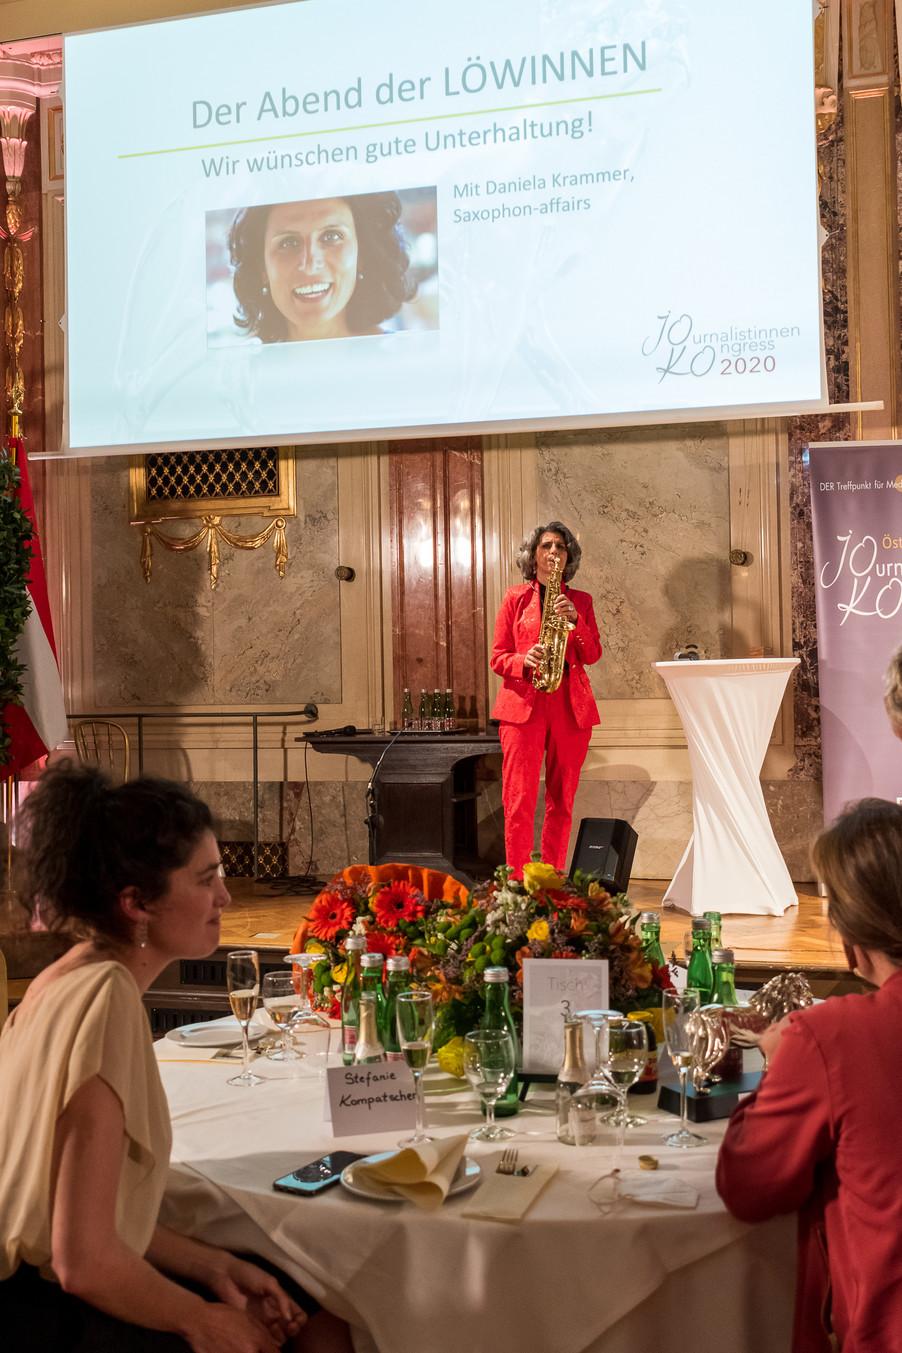 Bild 89 | Österreichischer Journalistinnenkongress